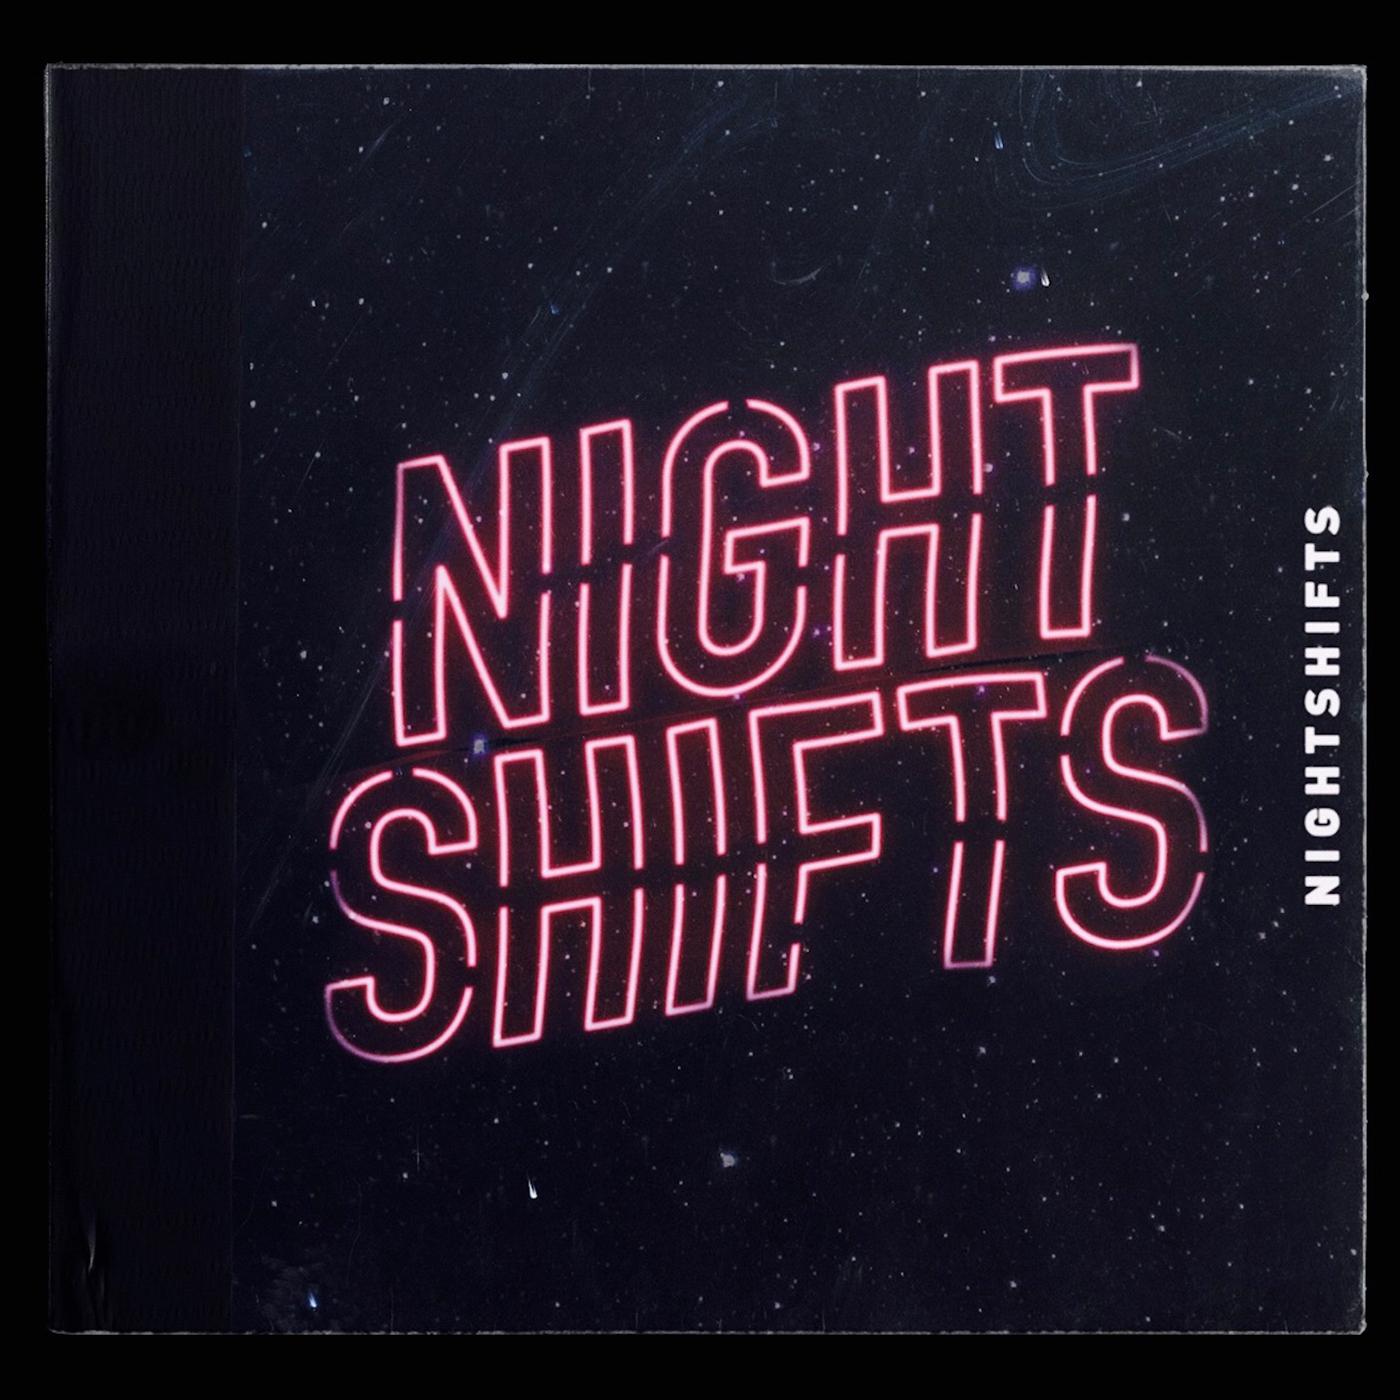 Walking Away - Nightshifts